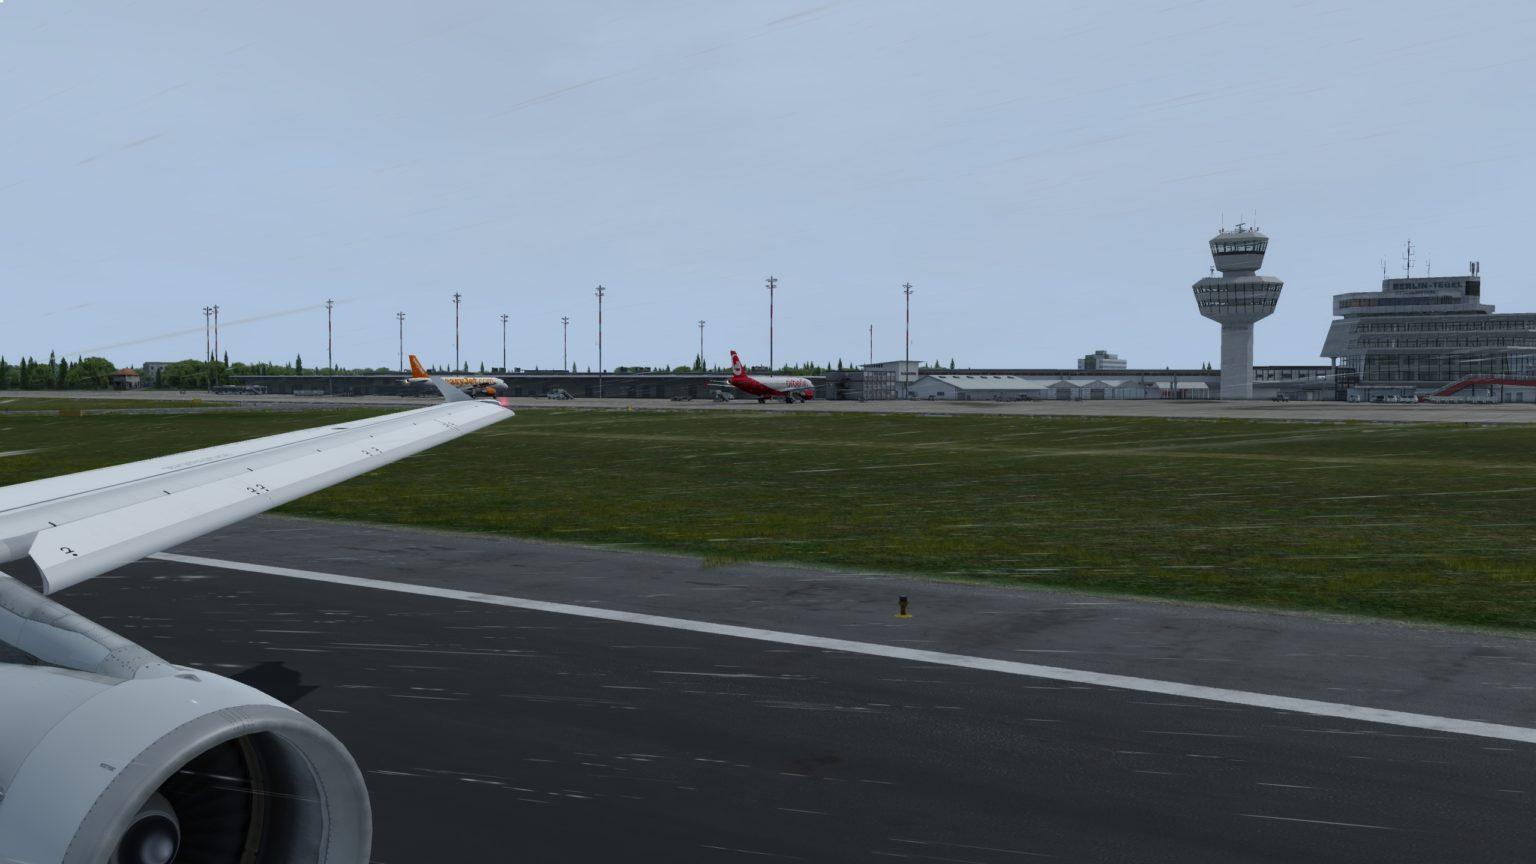 Takeoff-Run | Aufkommen noch überschaubar